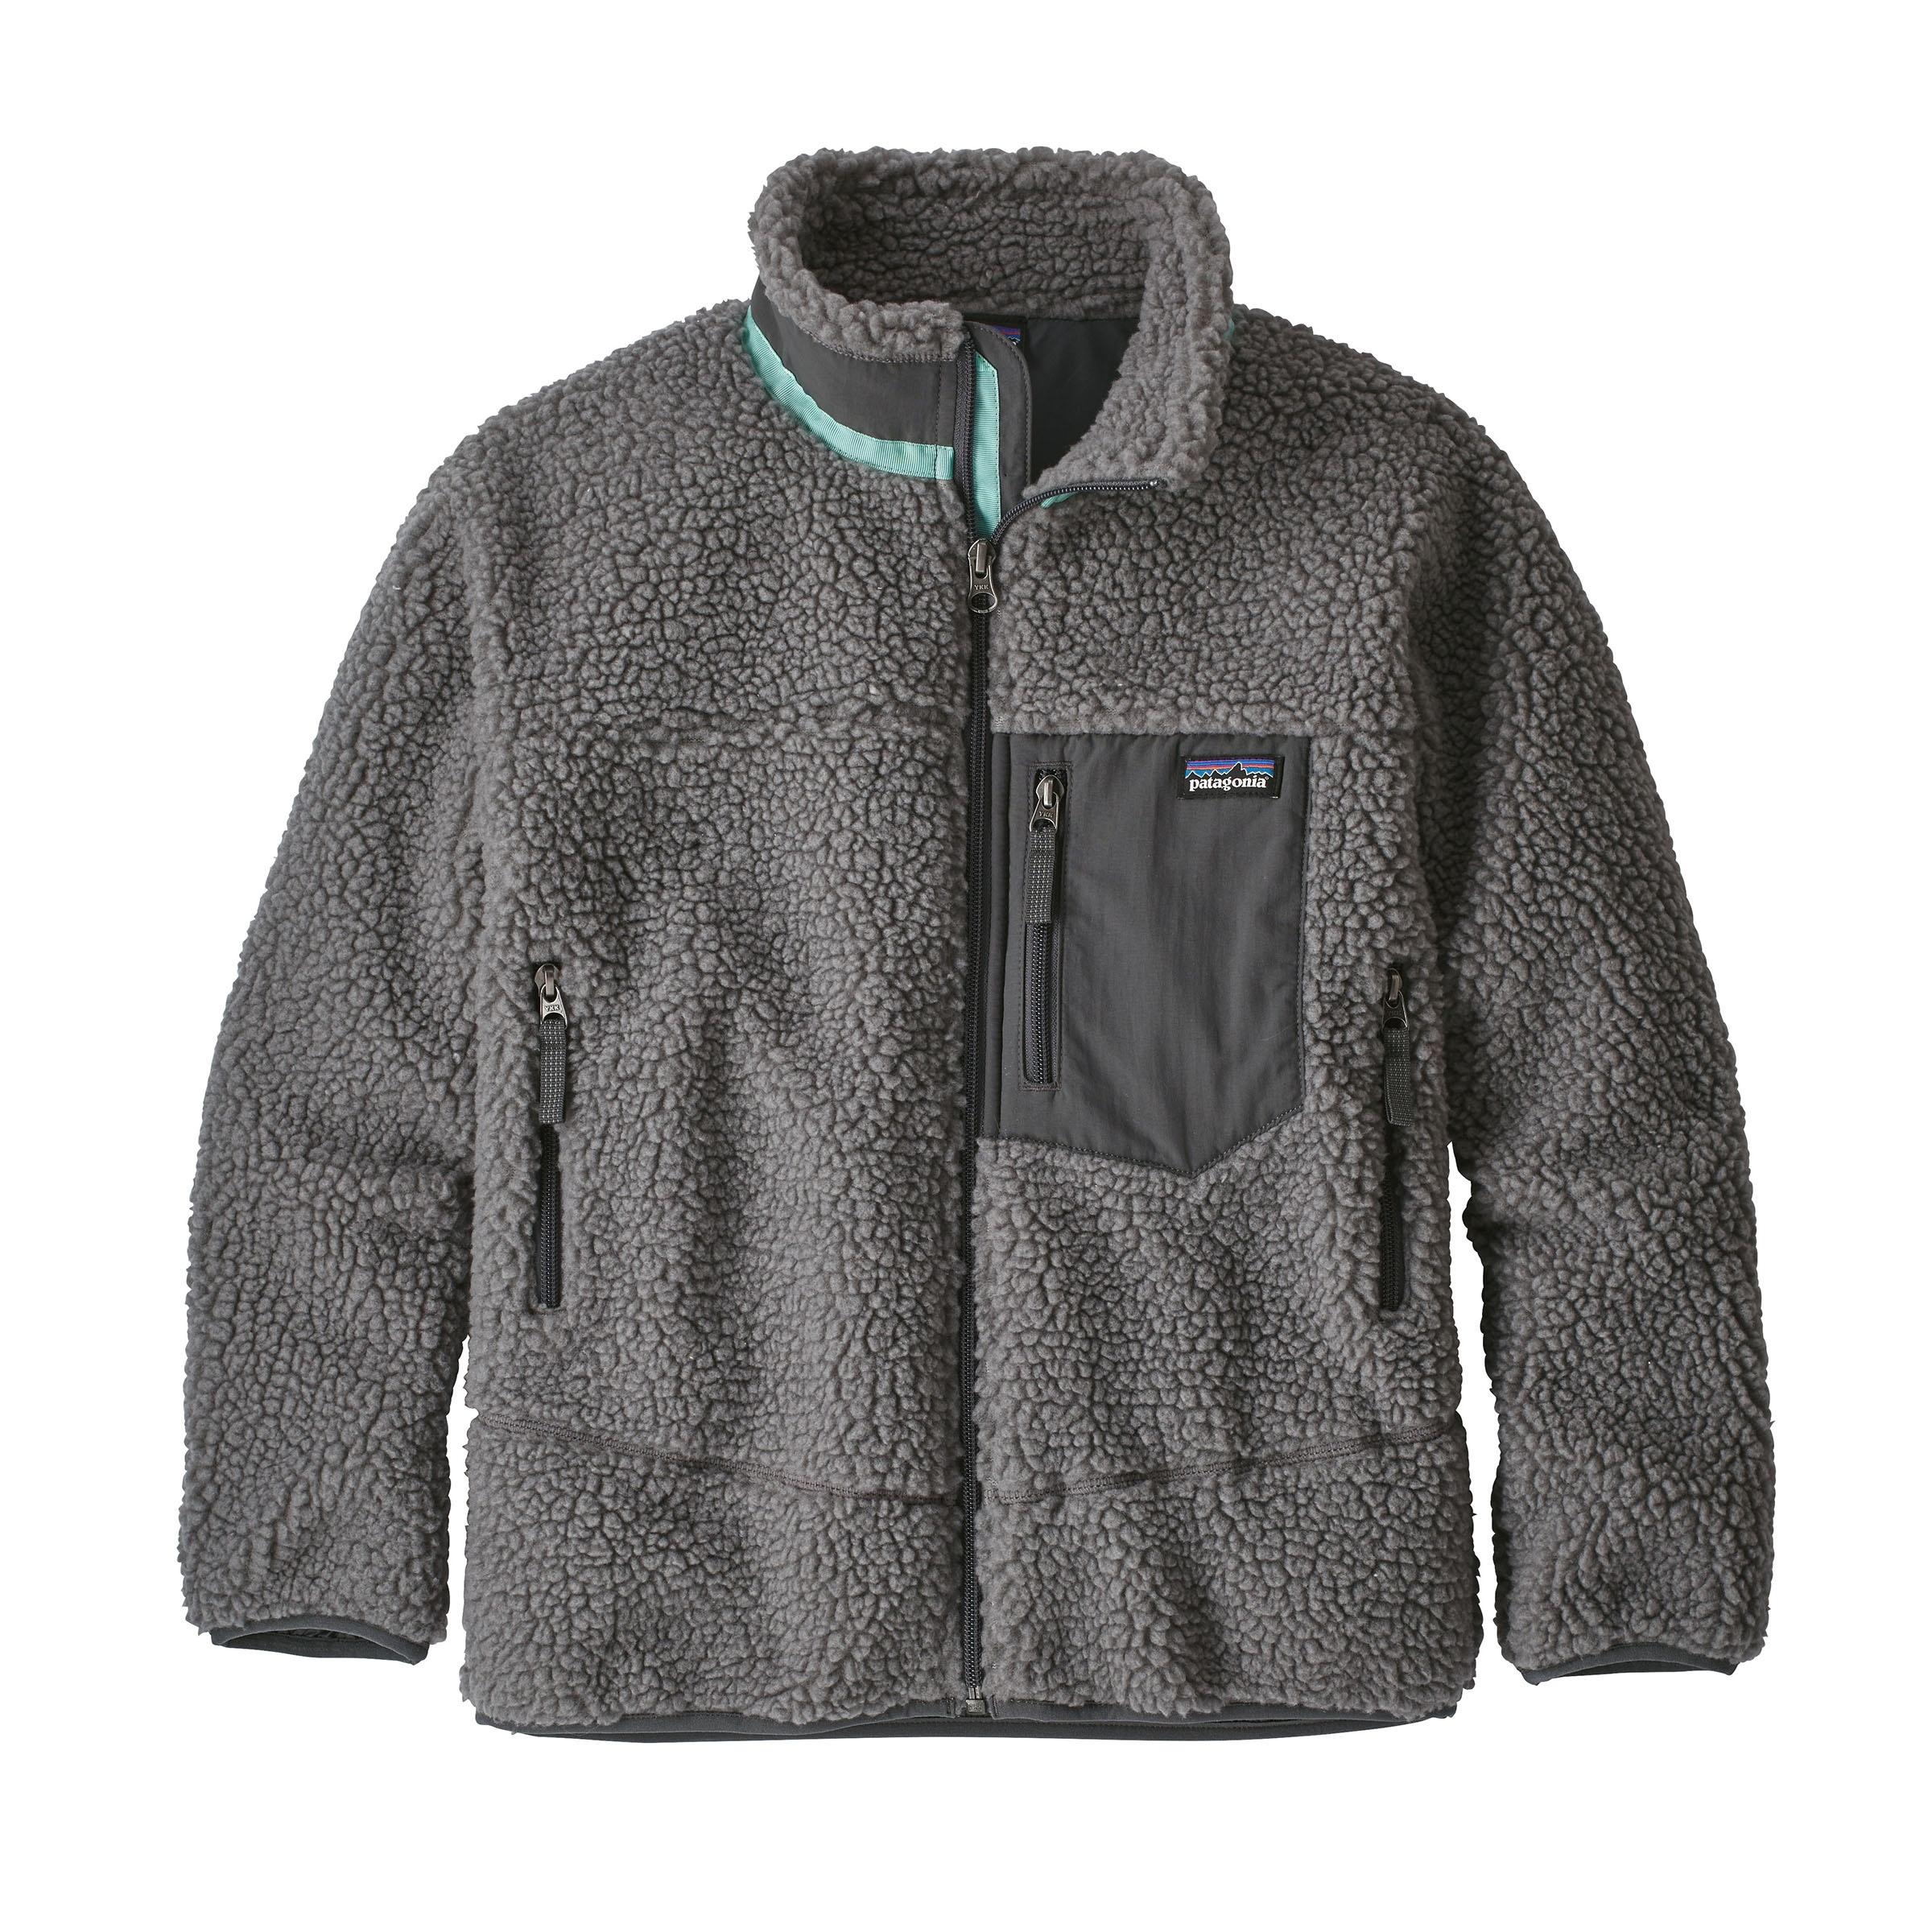 Patagonia Kids Retro X Jacket Tea Collection